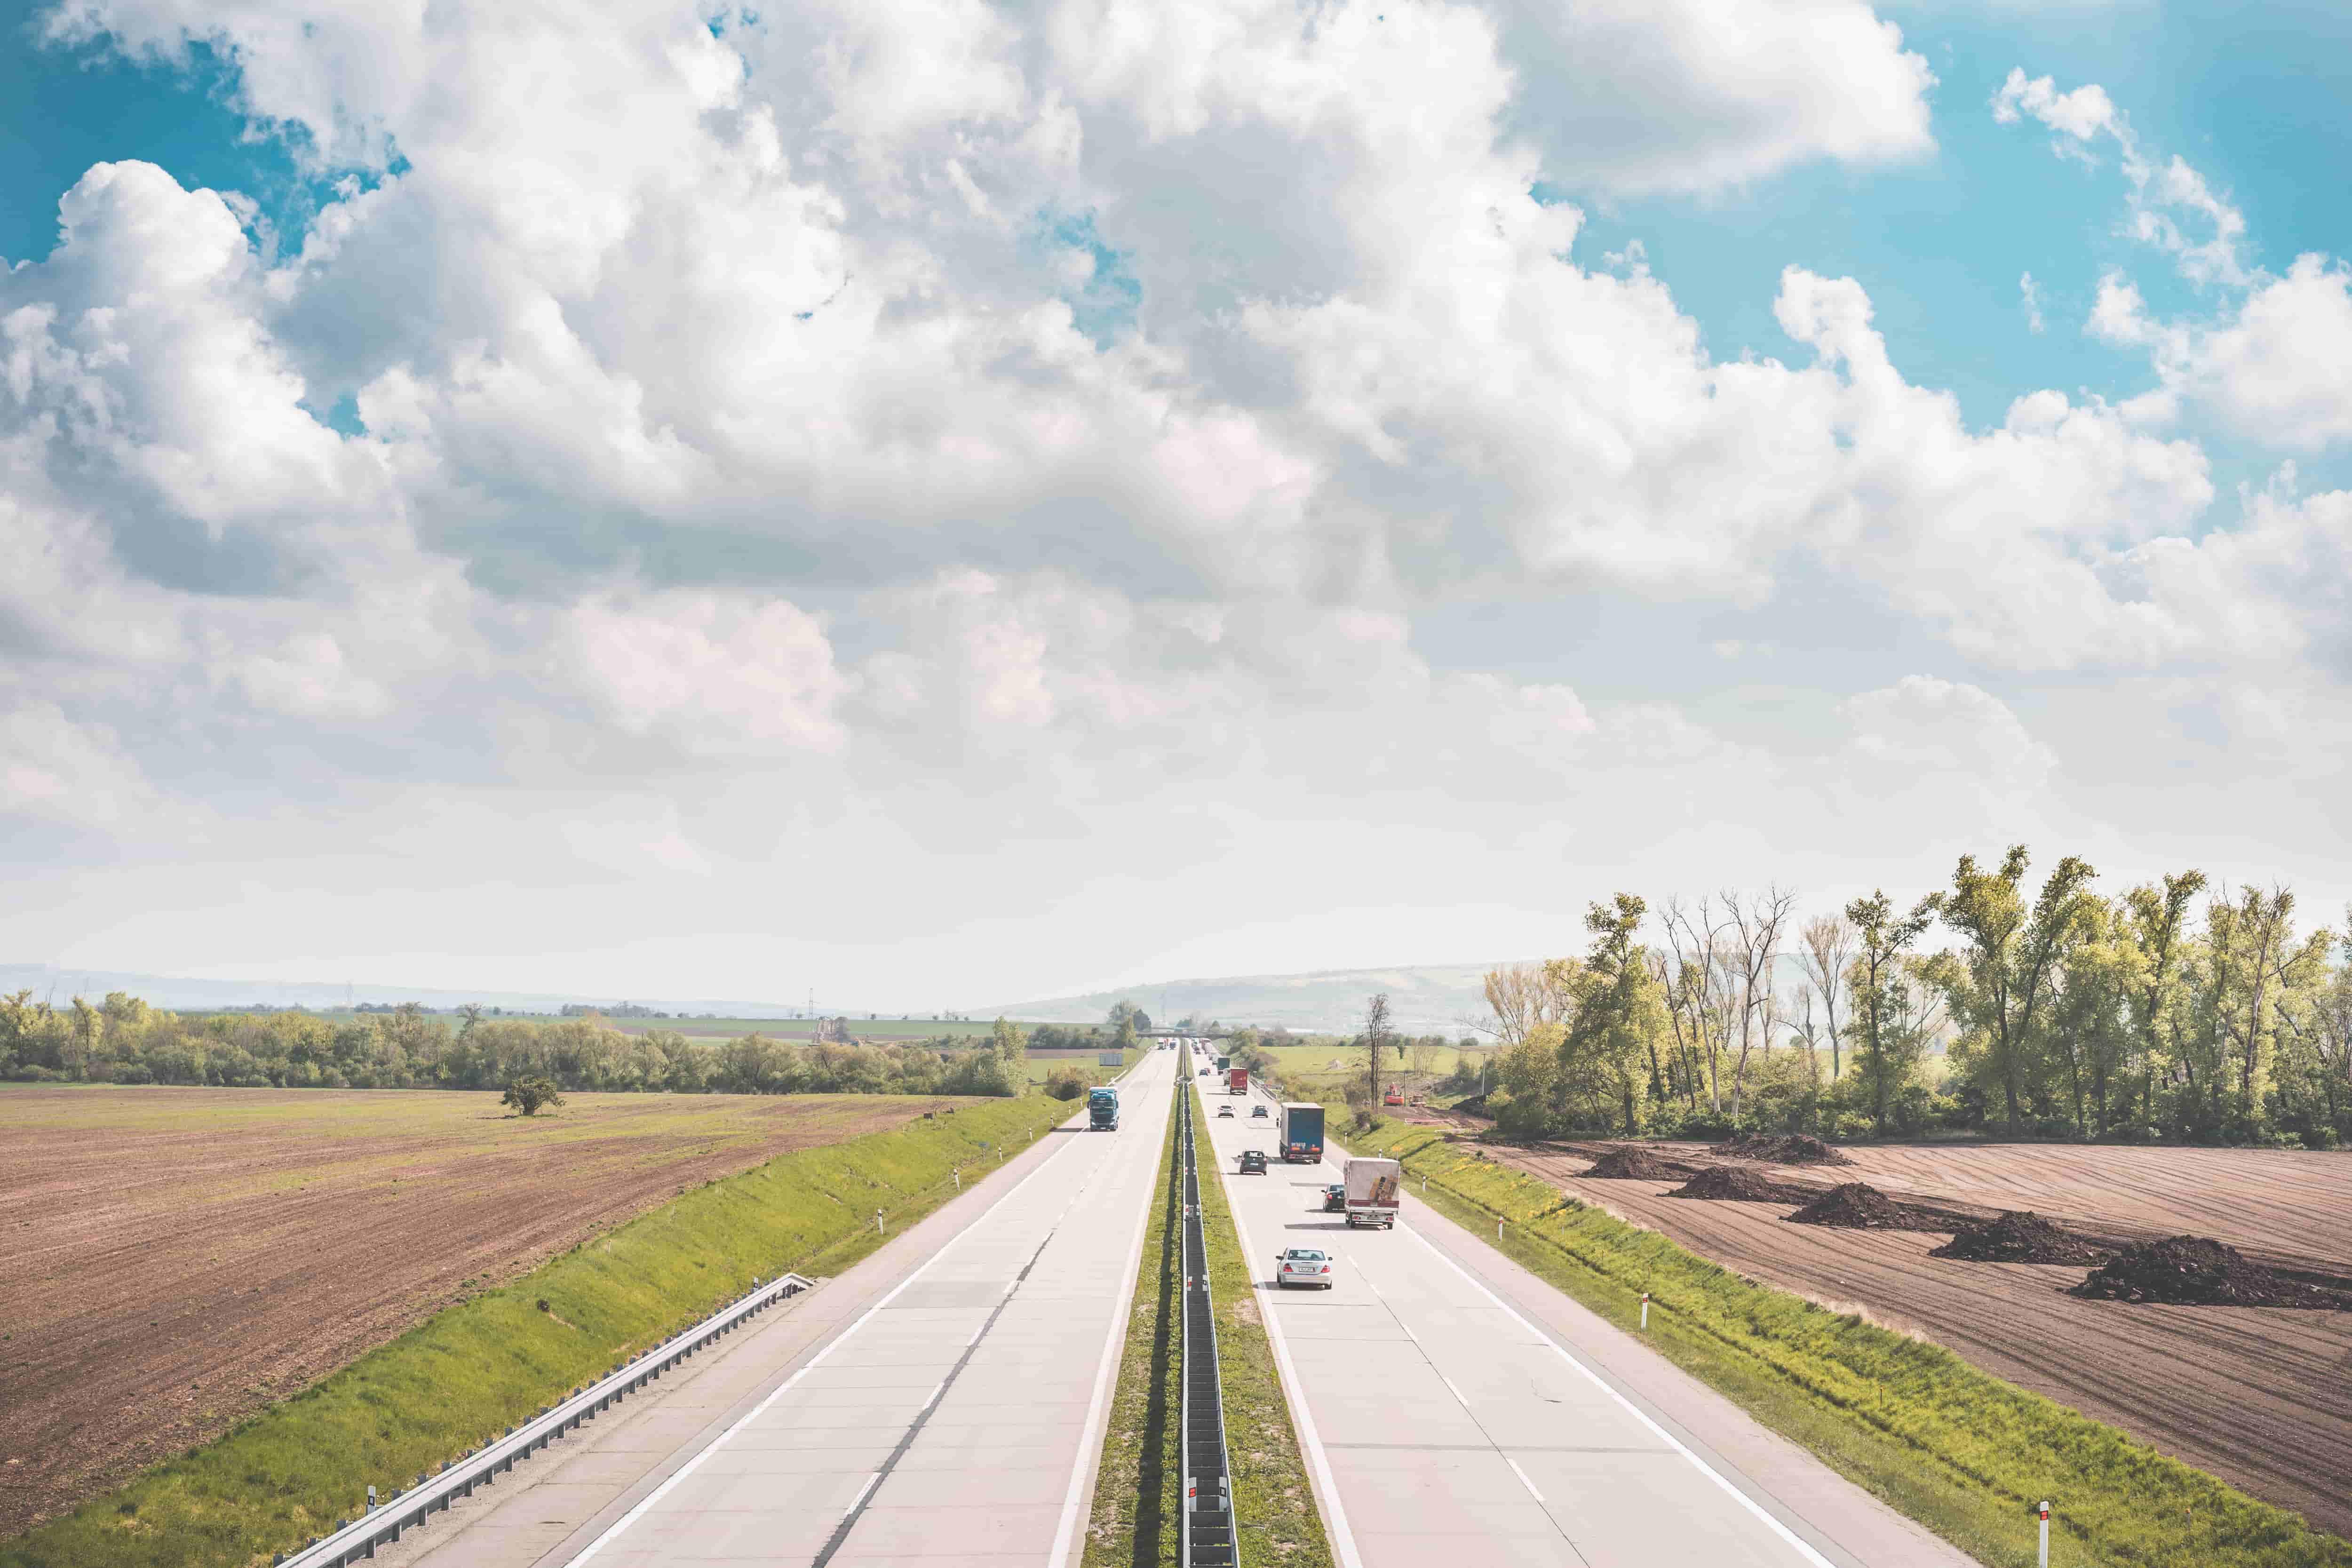 Carreteras verdes: ¿se refieren a los materiales de construcción?